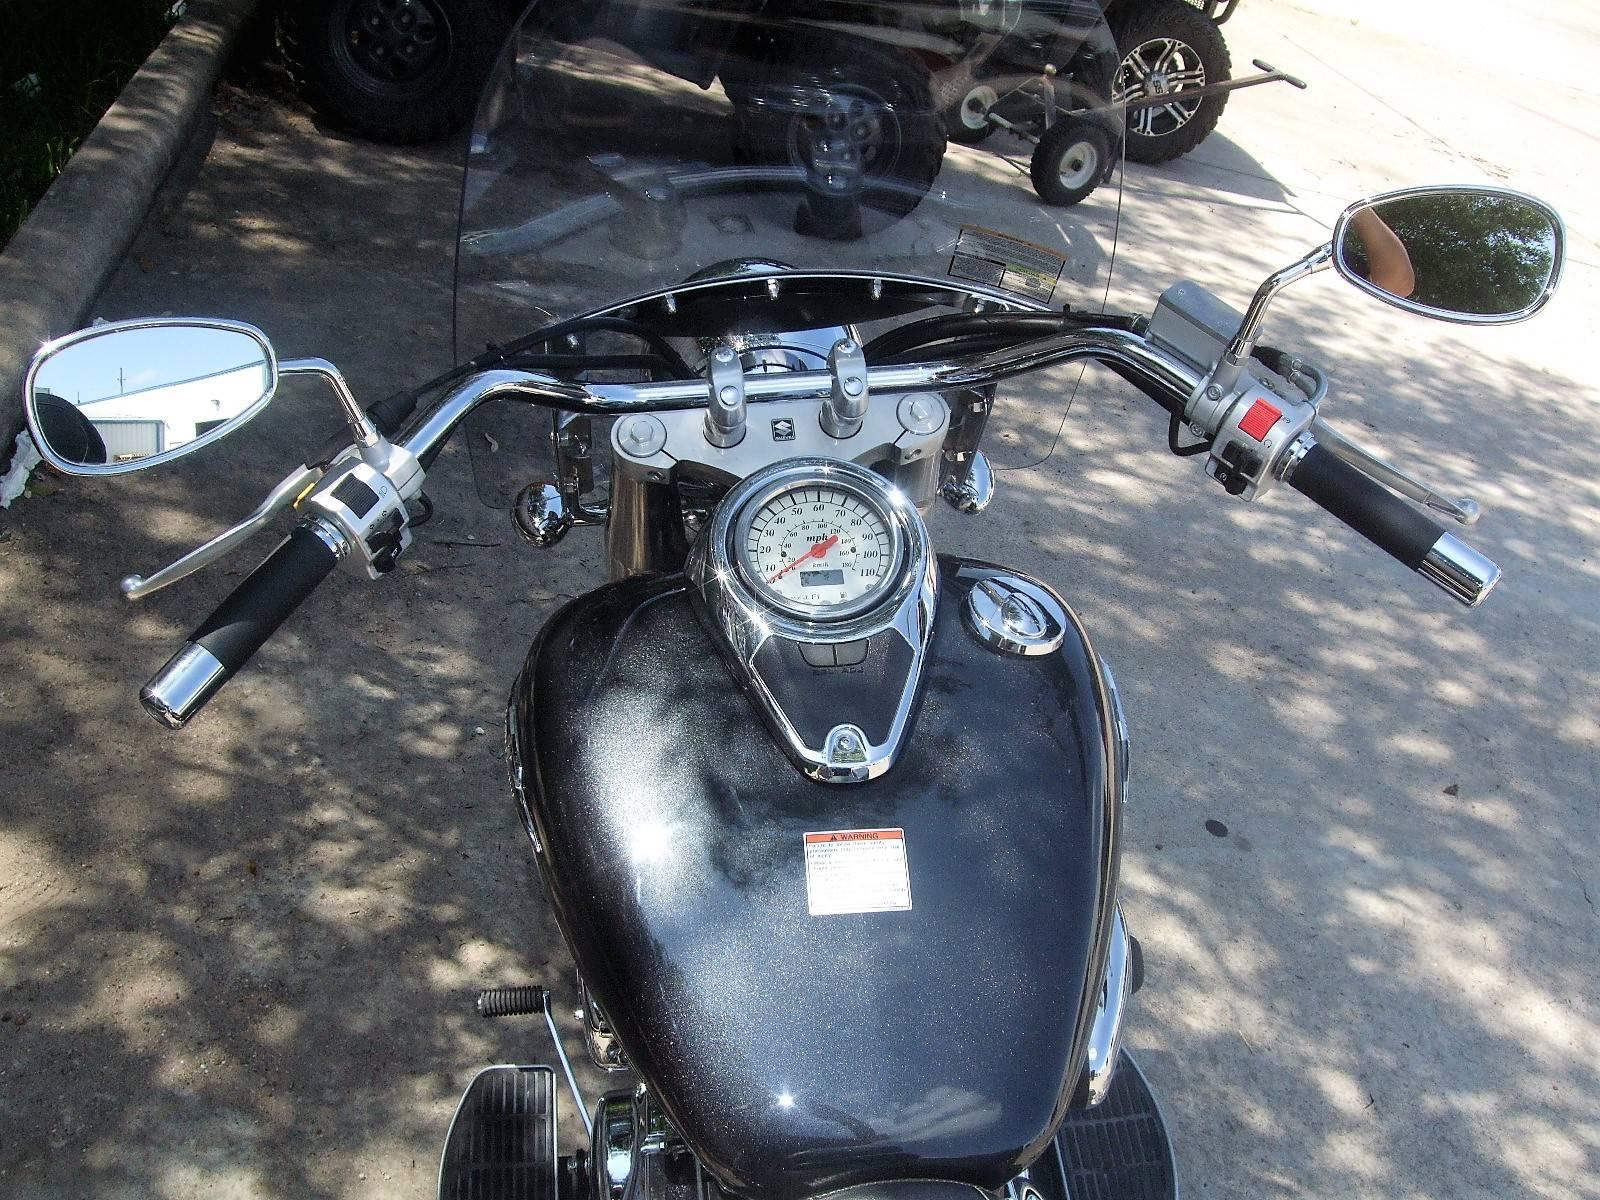 2006 Suzuki Boulevard C50T 3